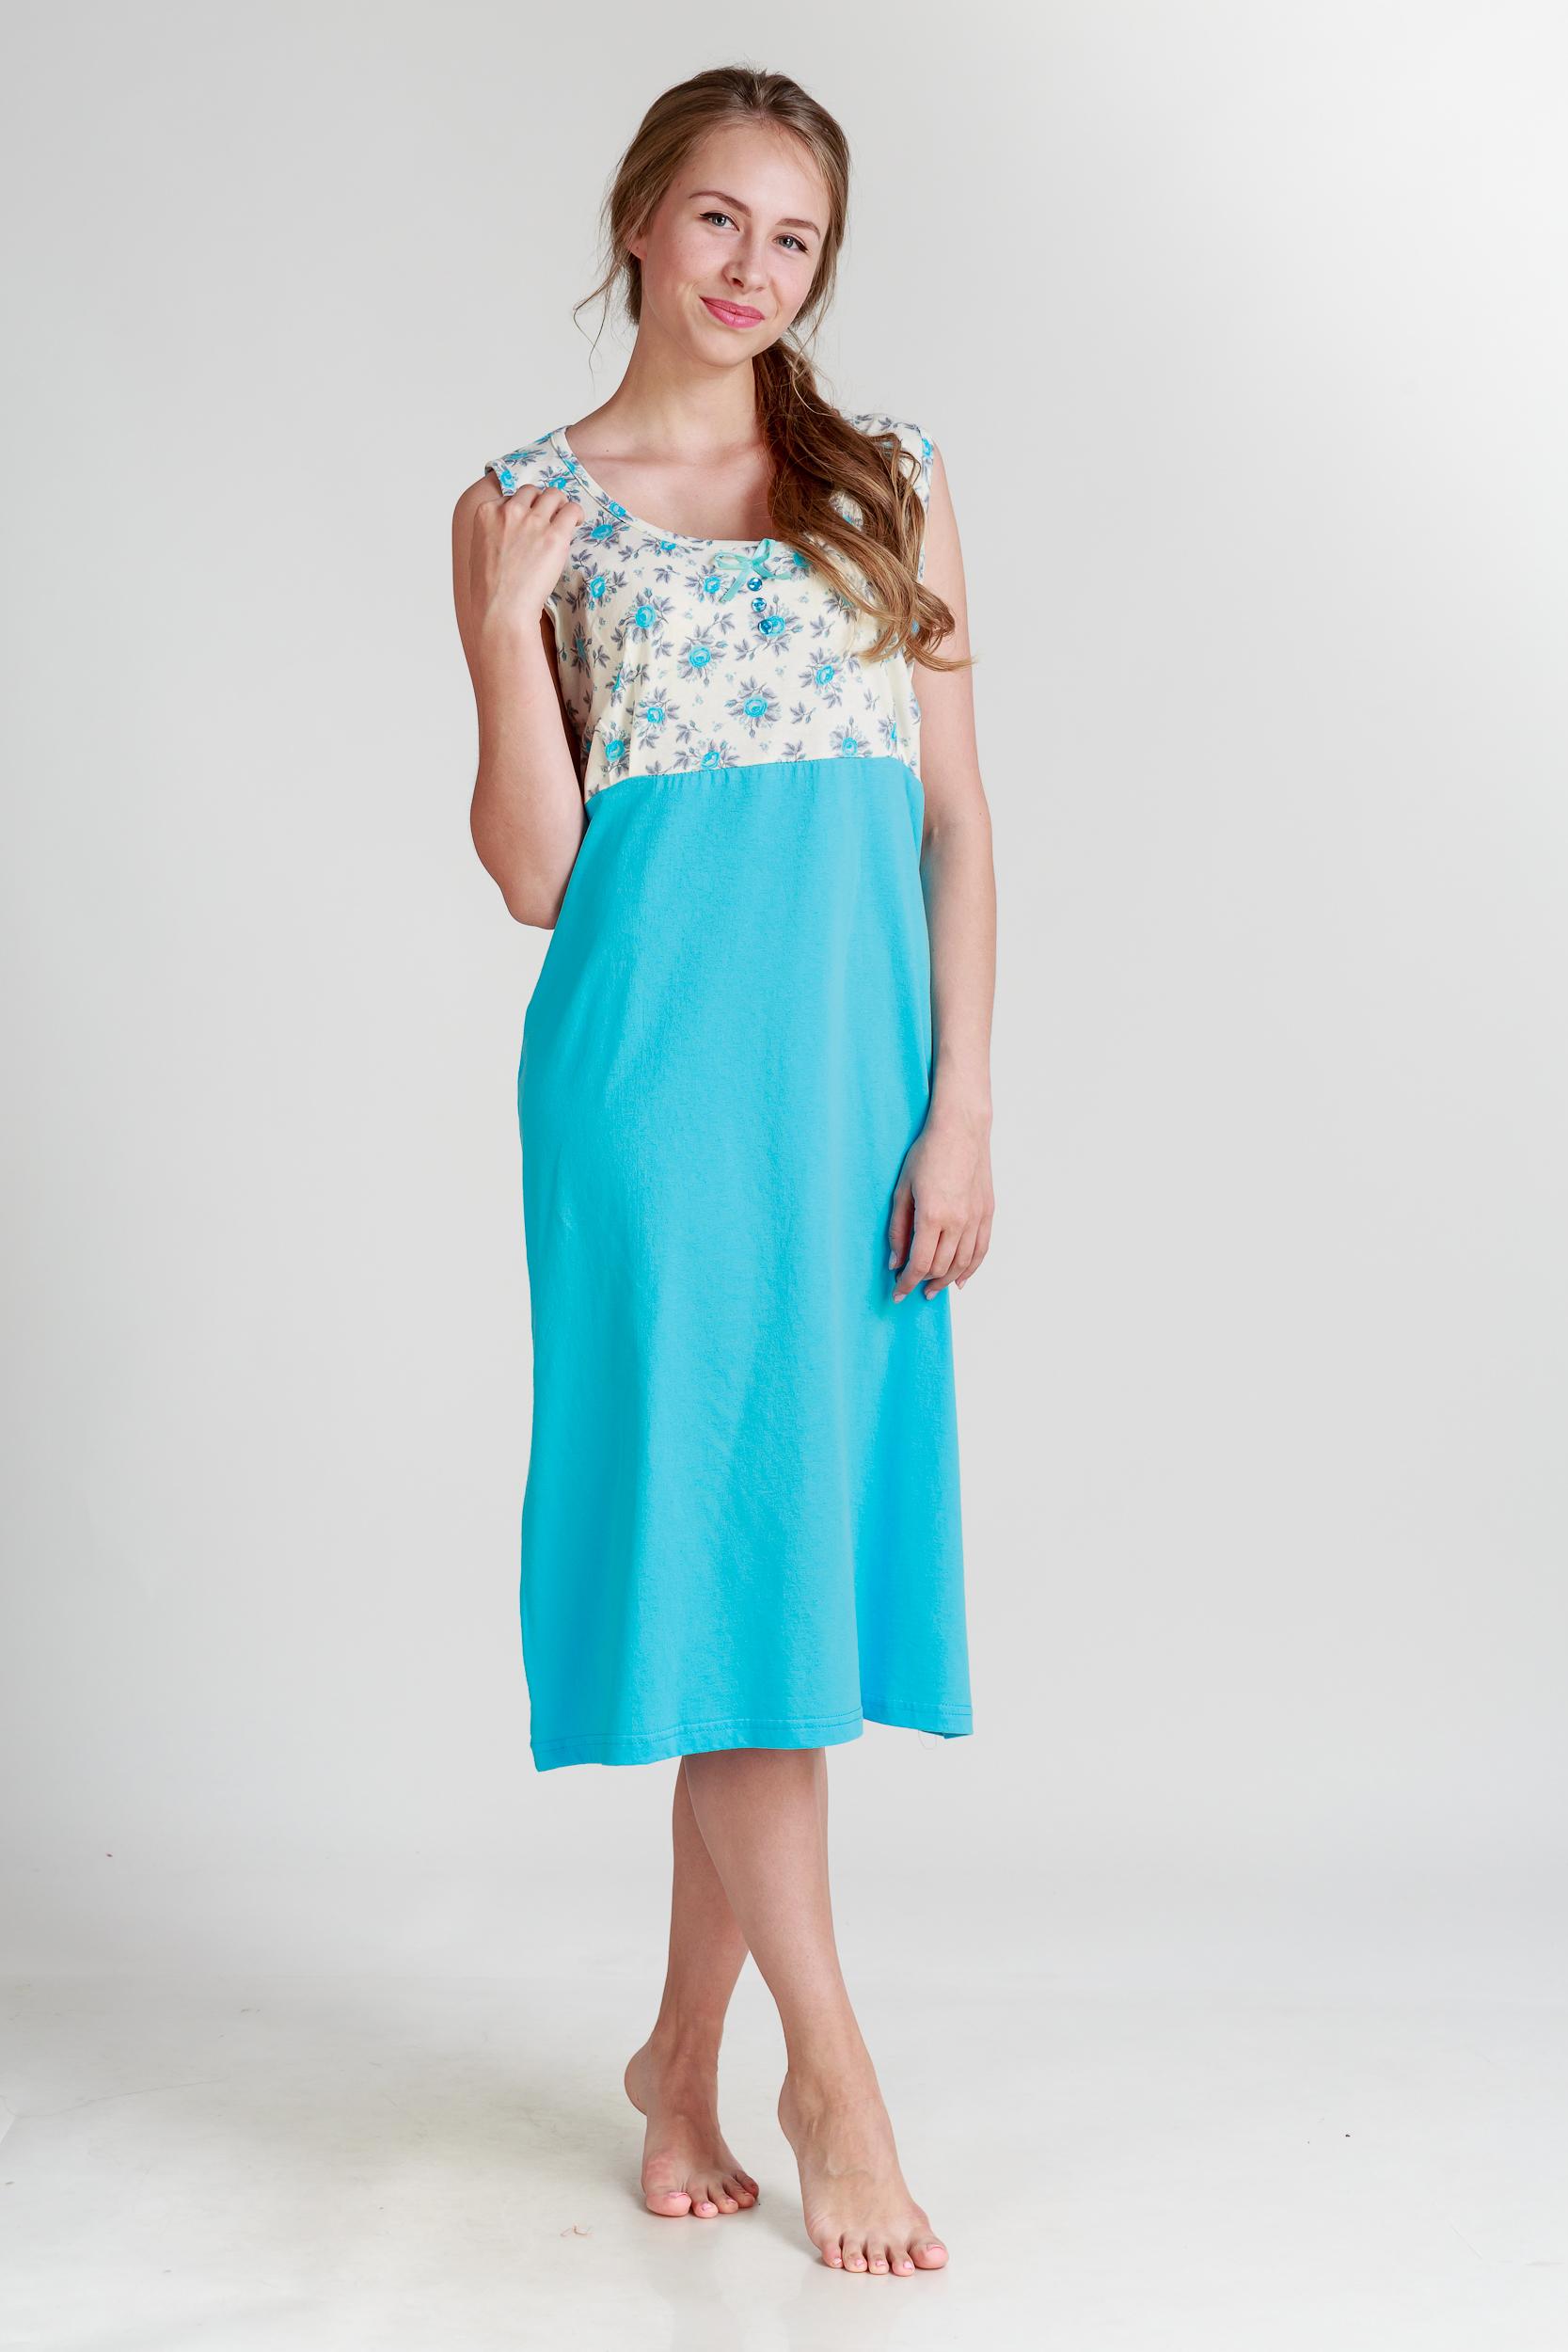 Ночные сорочки Pastilla Ночная сорочка Ваниль Цвет: Голубой (xxxxL) сорочка ночная для беременных и кормящих мамин дом мамин дом цвет голубой 24130 размер 48